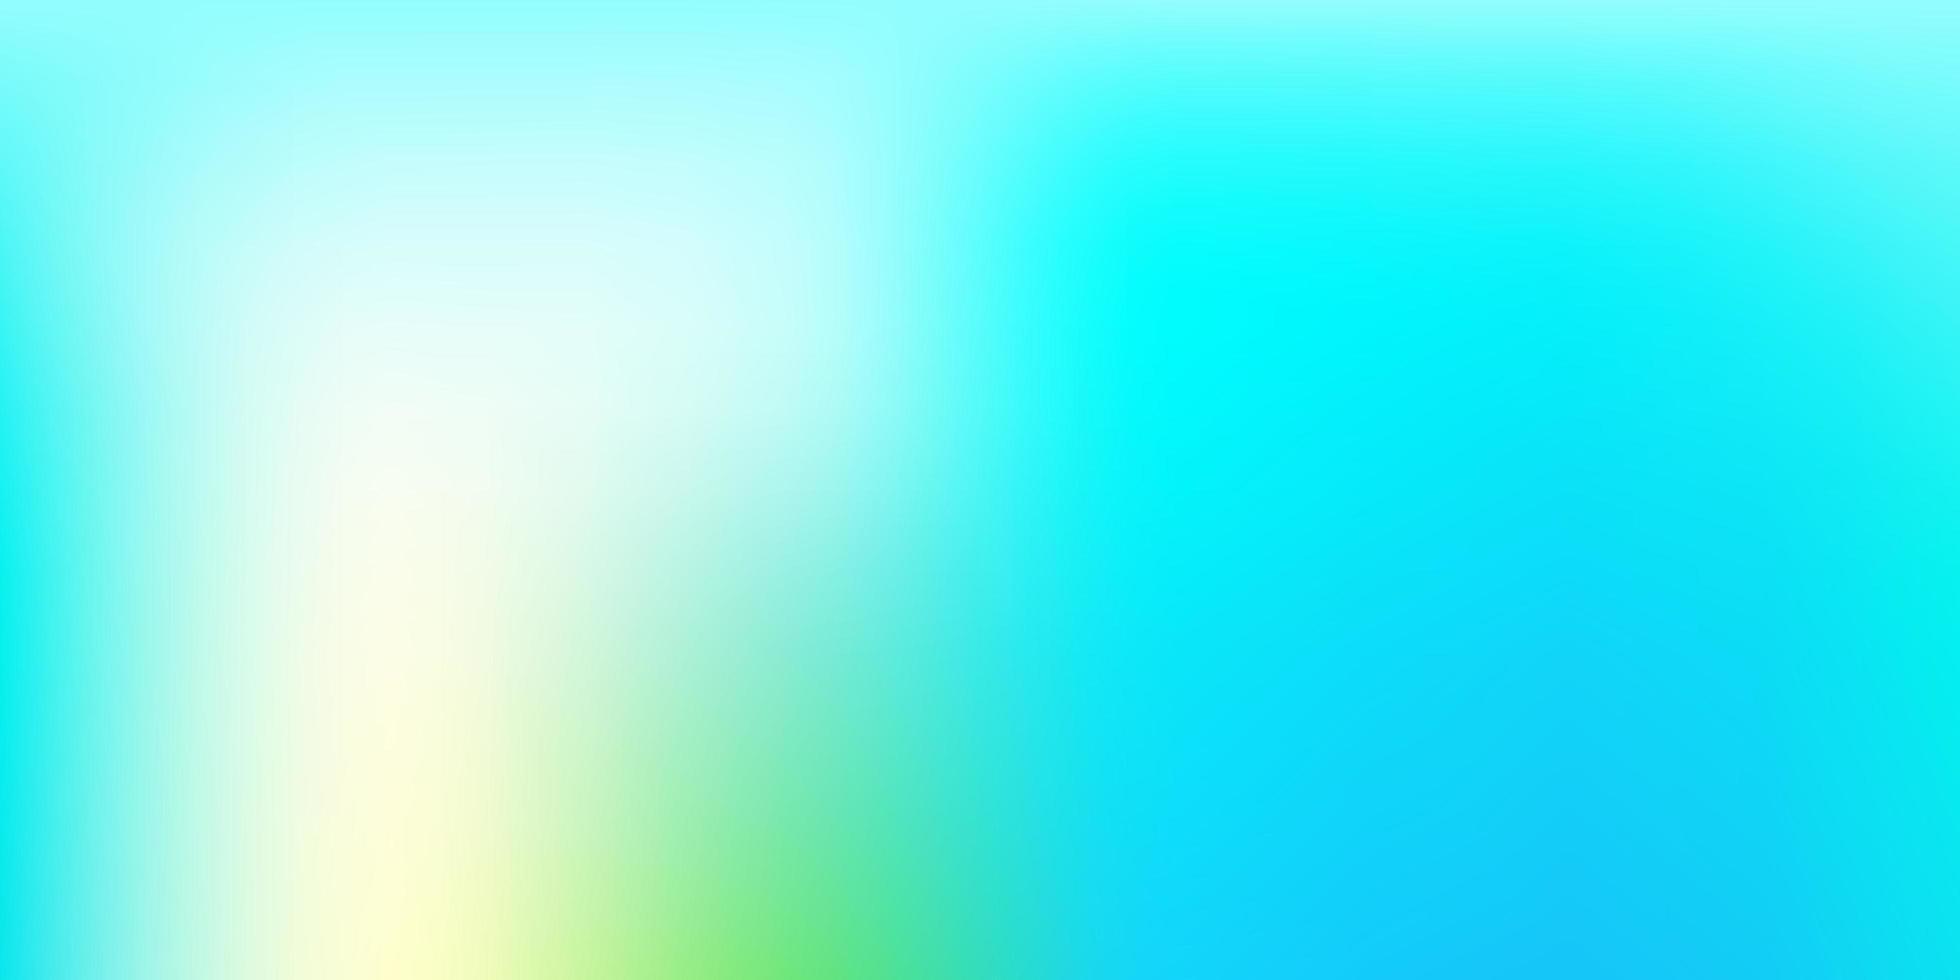 hellblaues, gelbes Vektorunschärfemuster. vektor